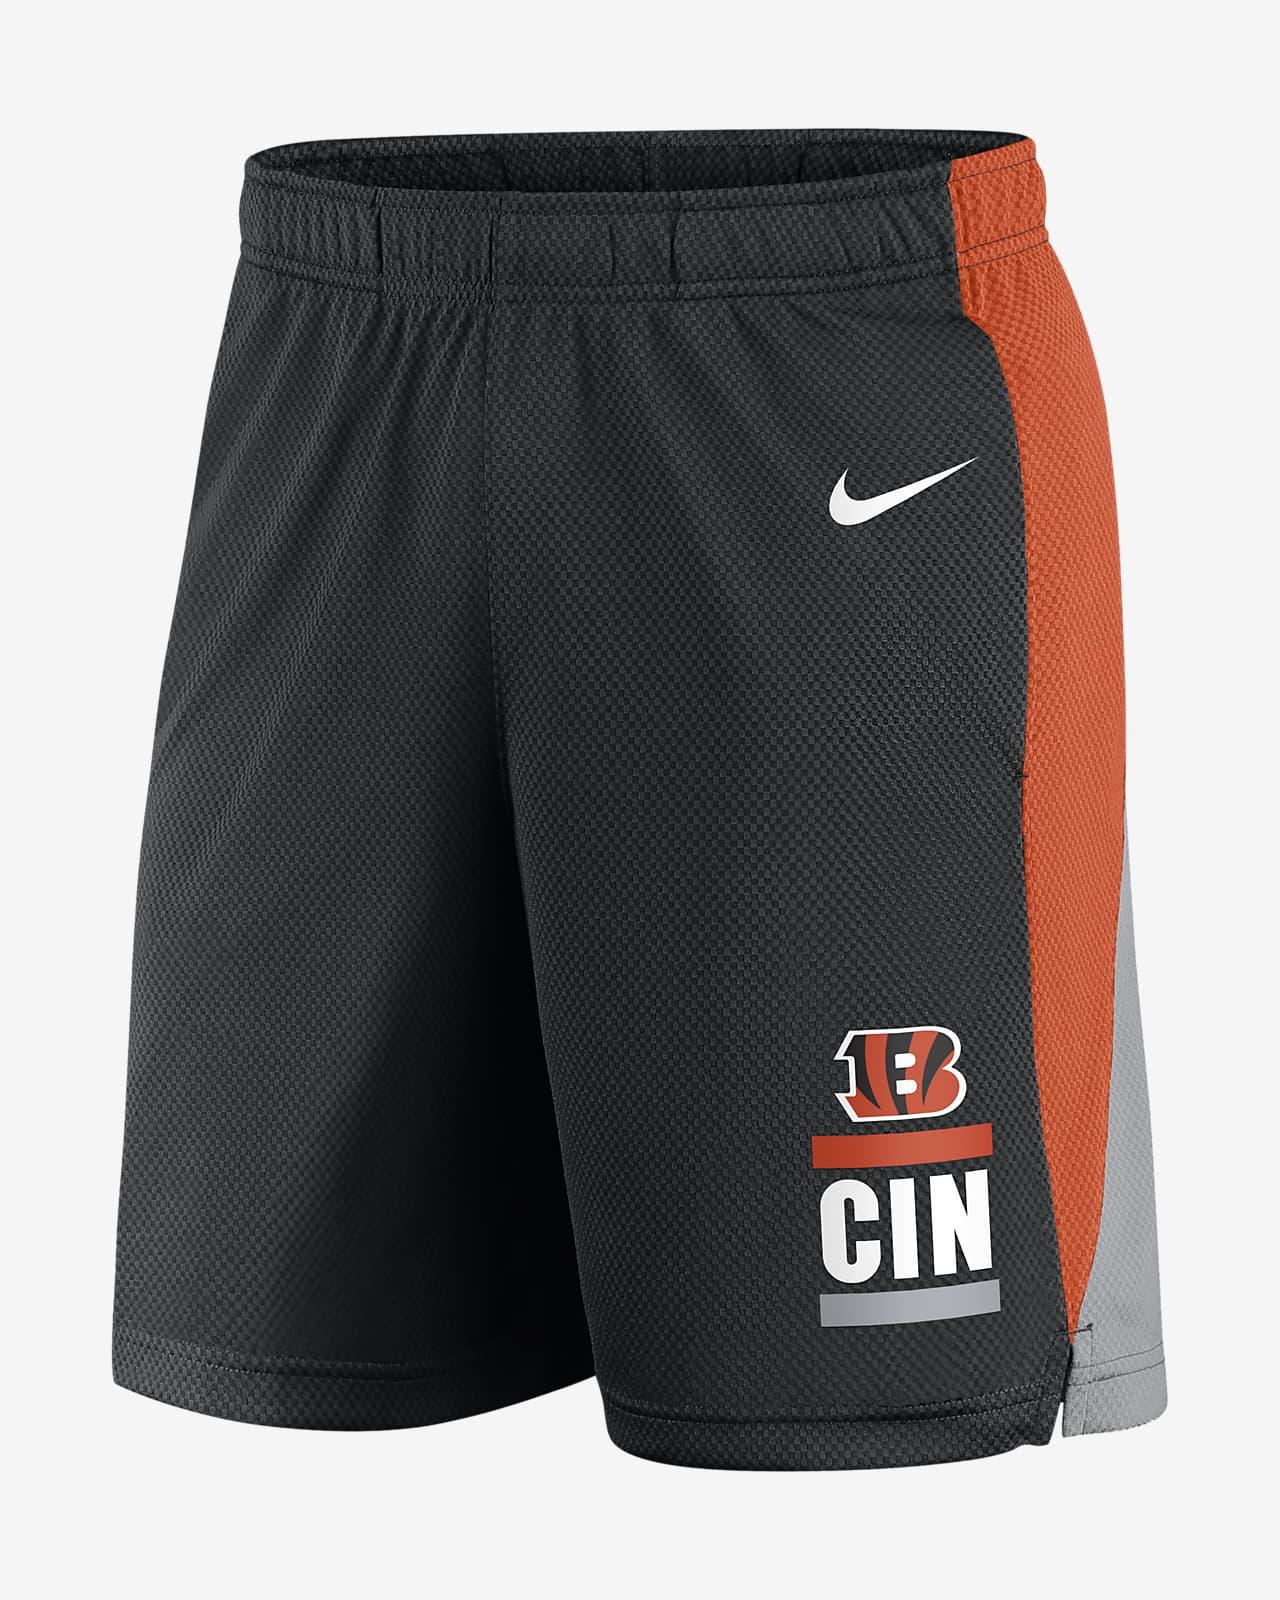 Nike Dri-FIT Broadcast (NFL Cincinnati Bengals) Men's Shorts